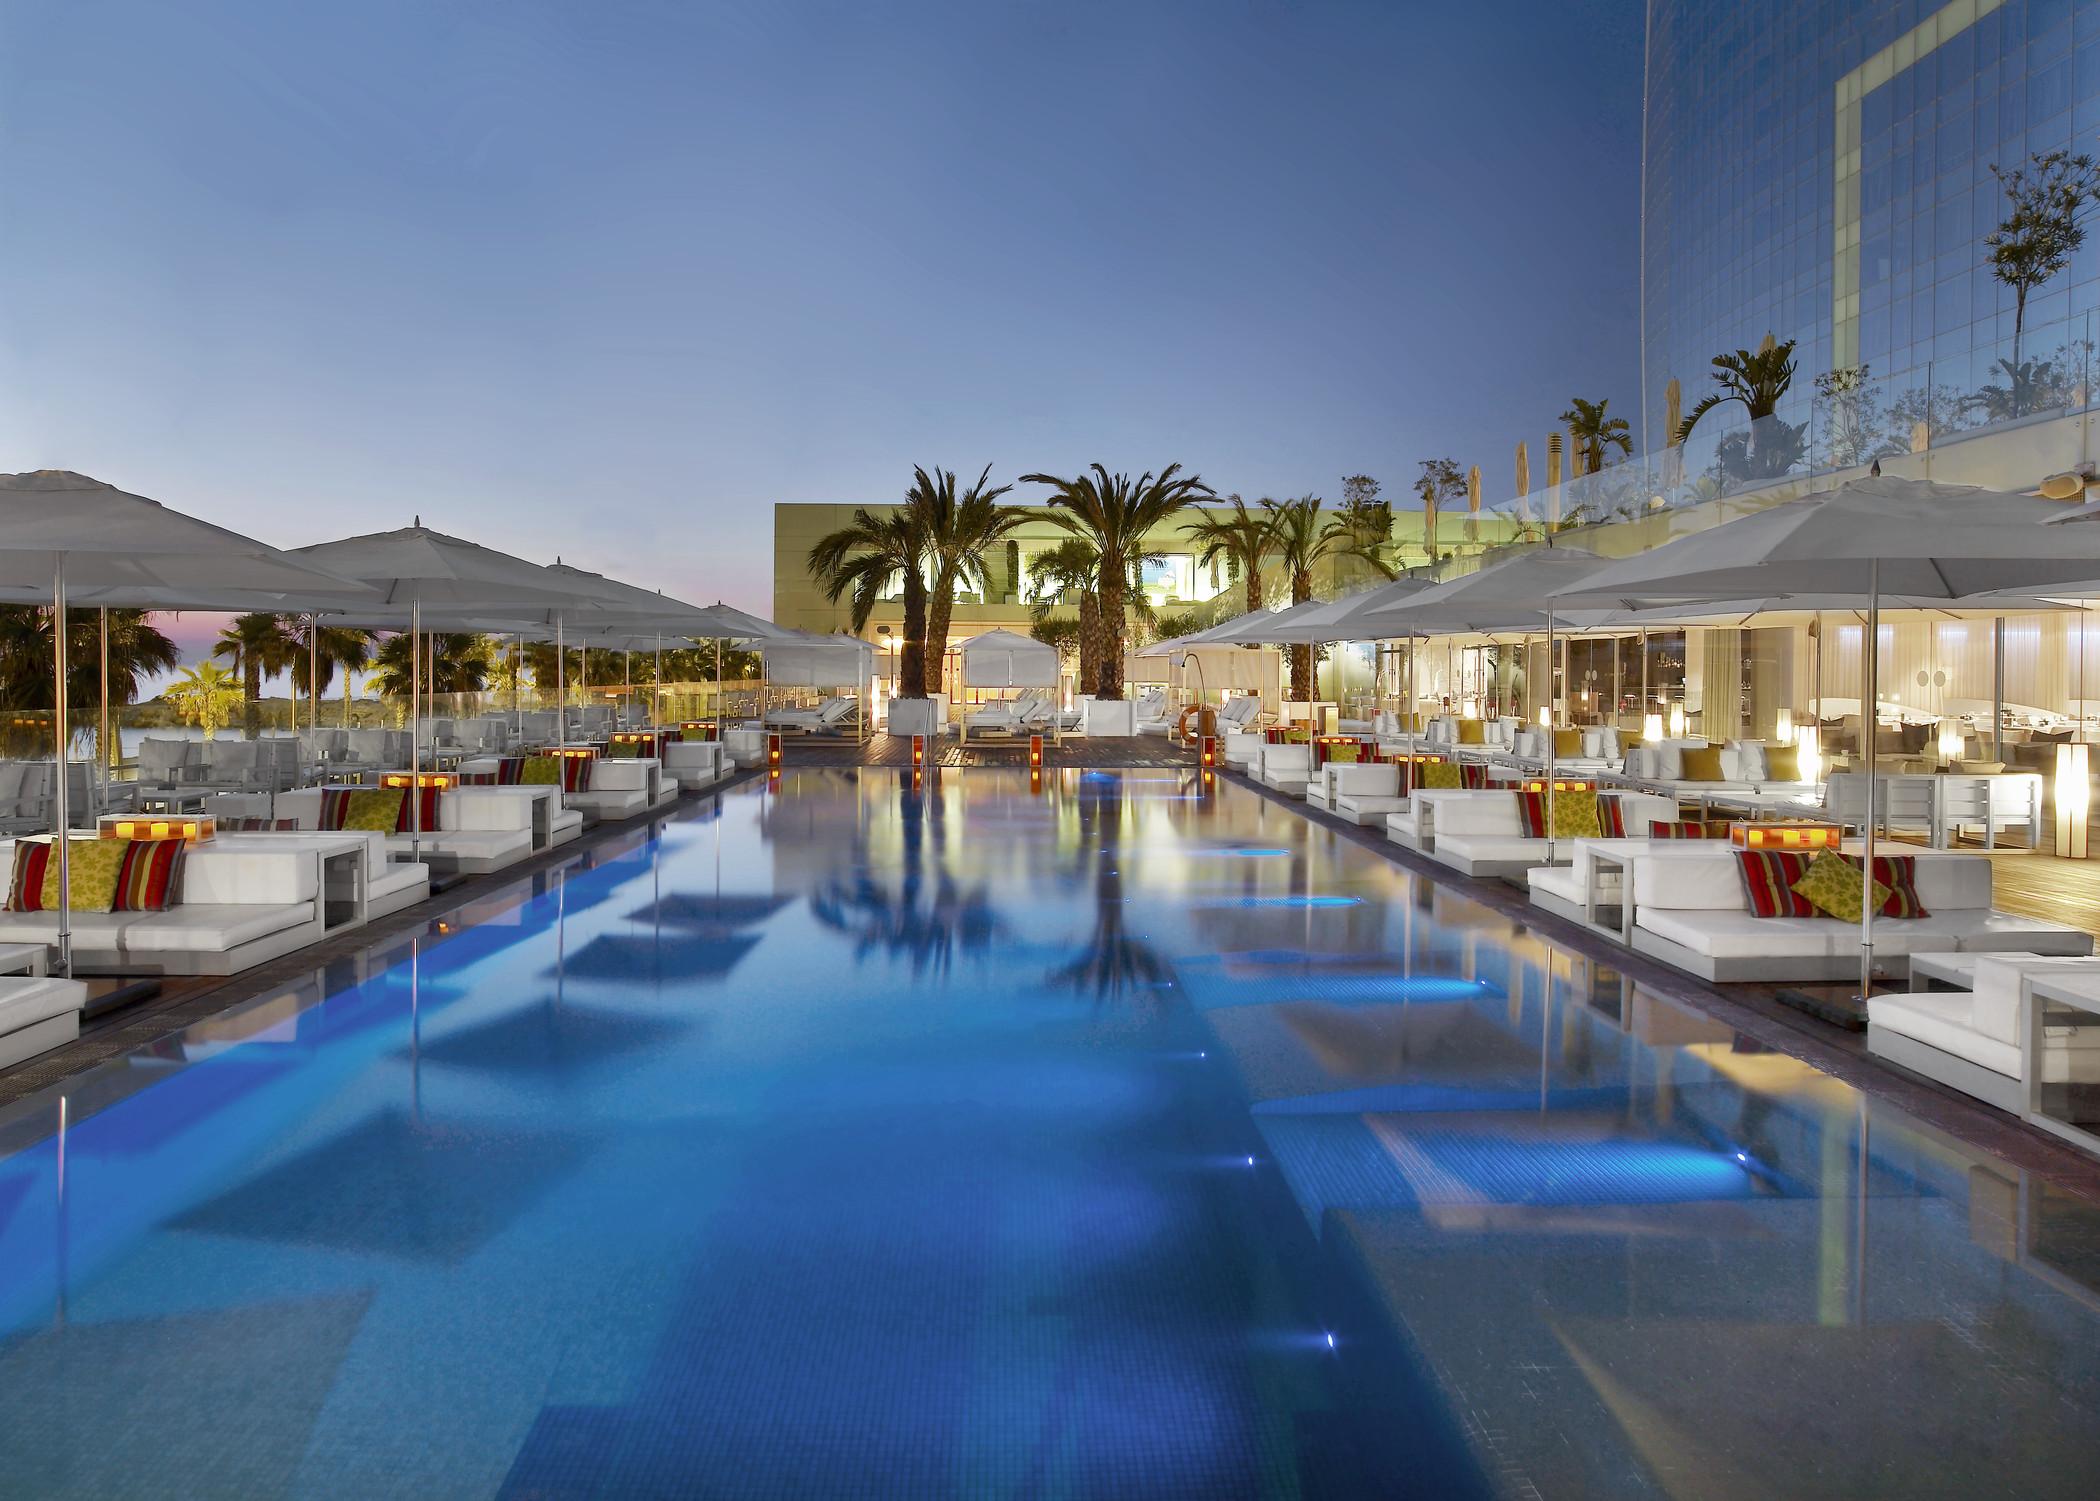 Las 10 mejores piscinas de hotel espa olas - Hoteles con piscina en barcelona ...